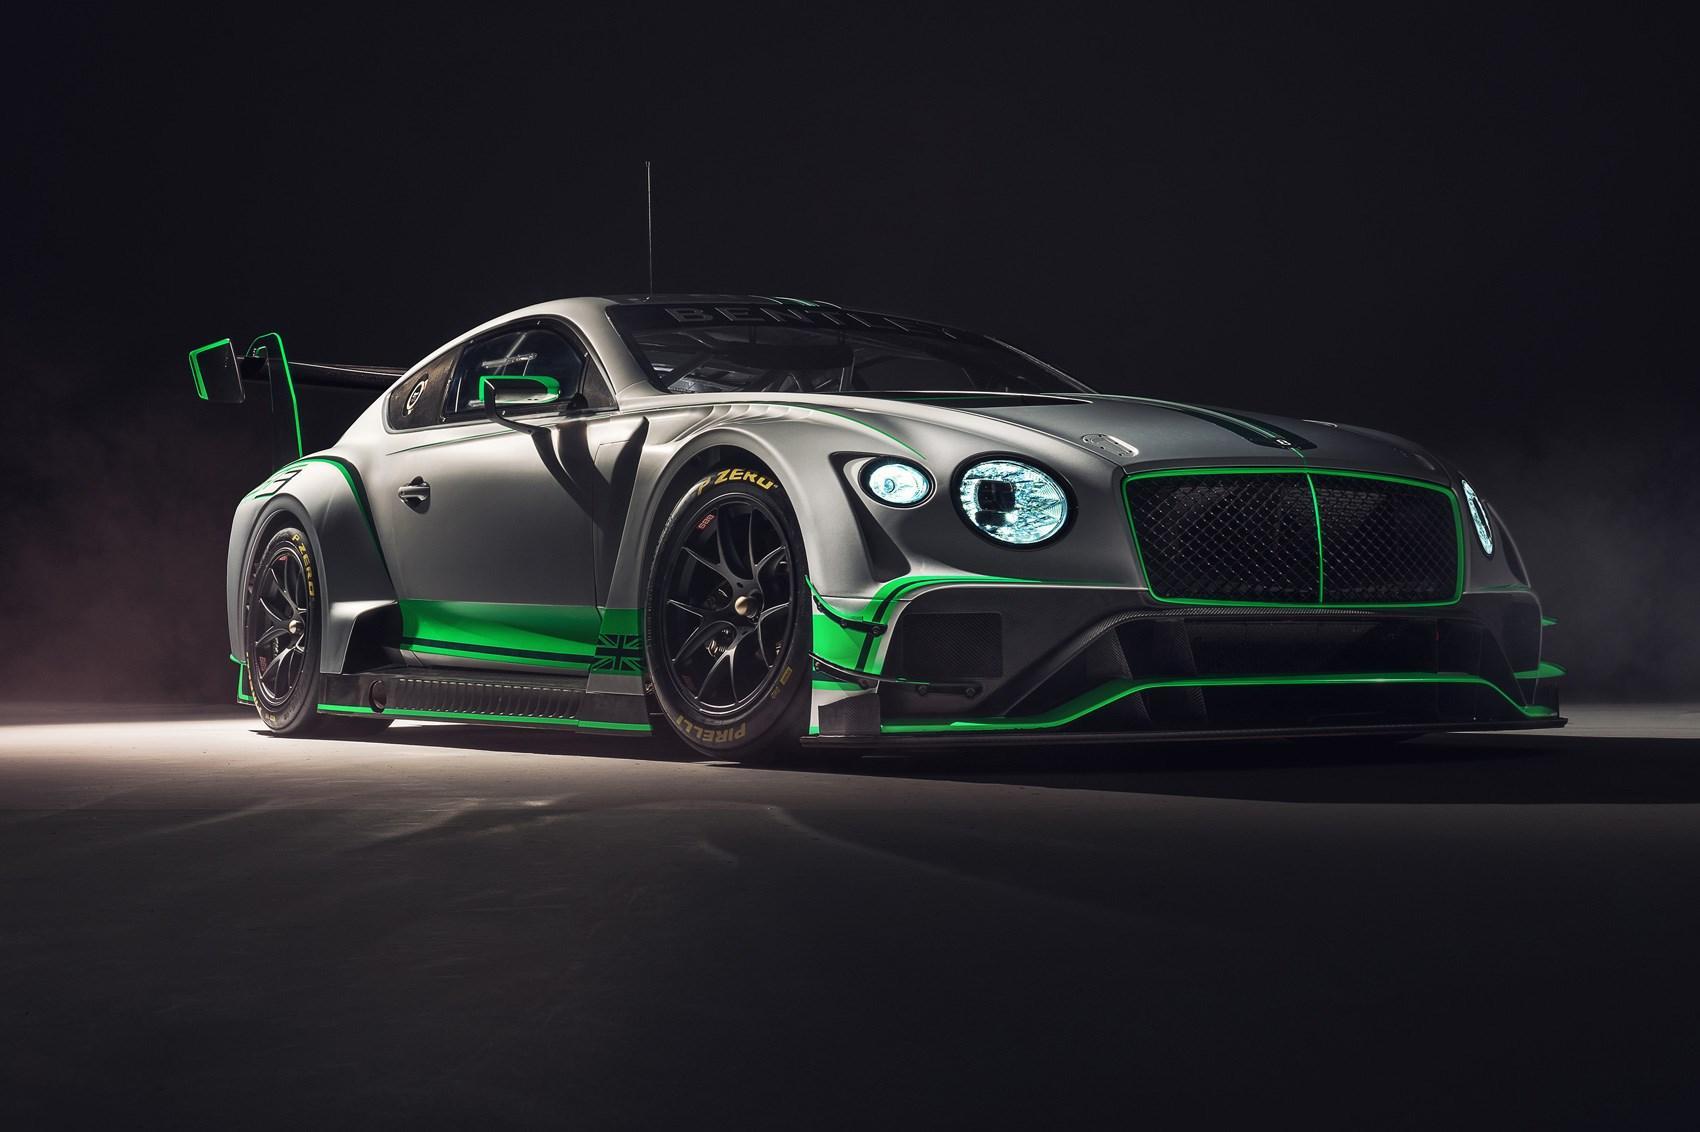 Кдебюту готовится новое экстремальное купе Бентли континенталь GT3